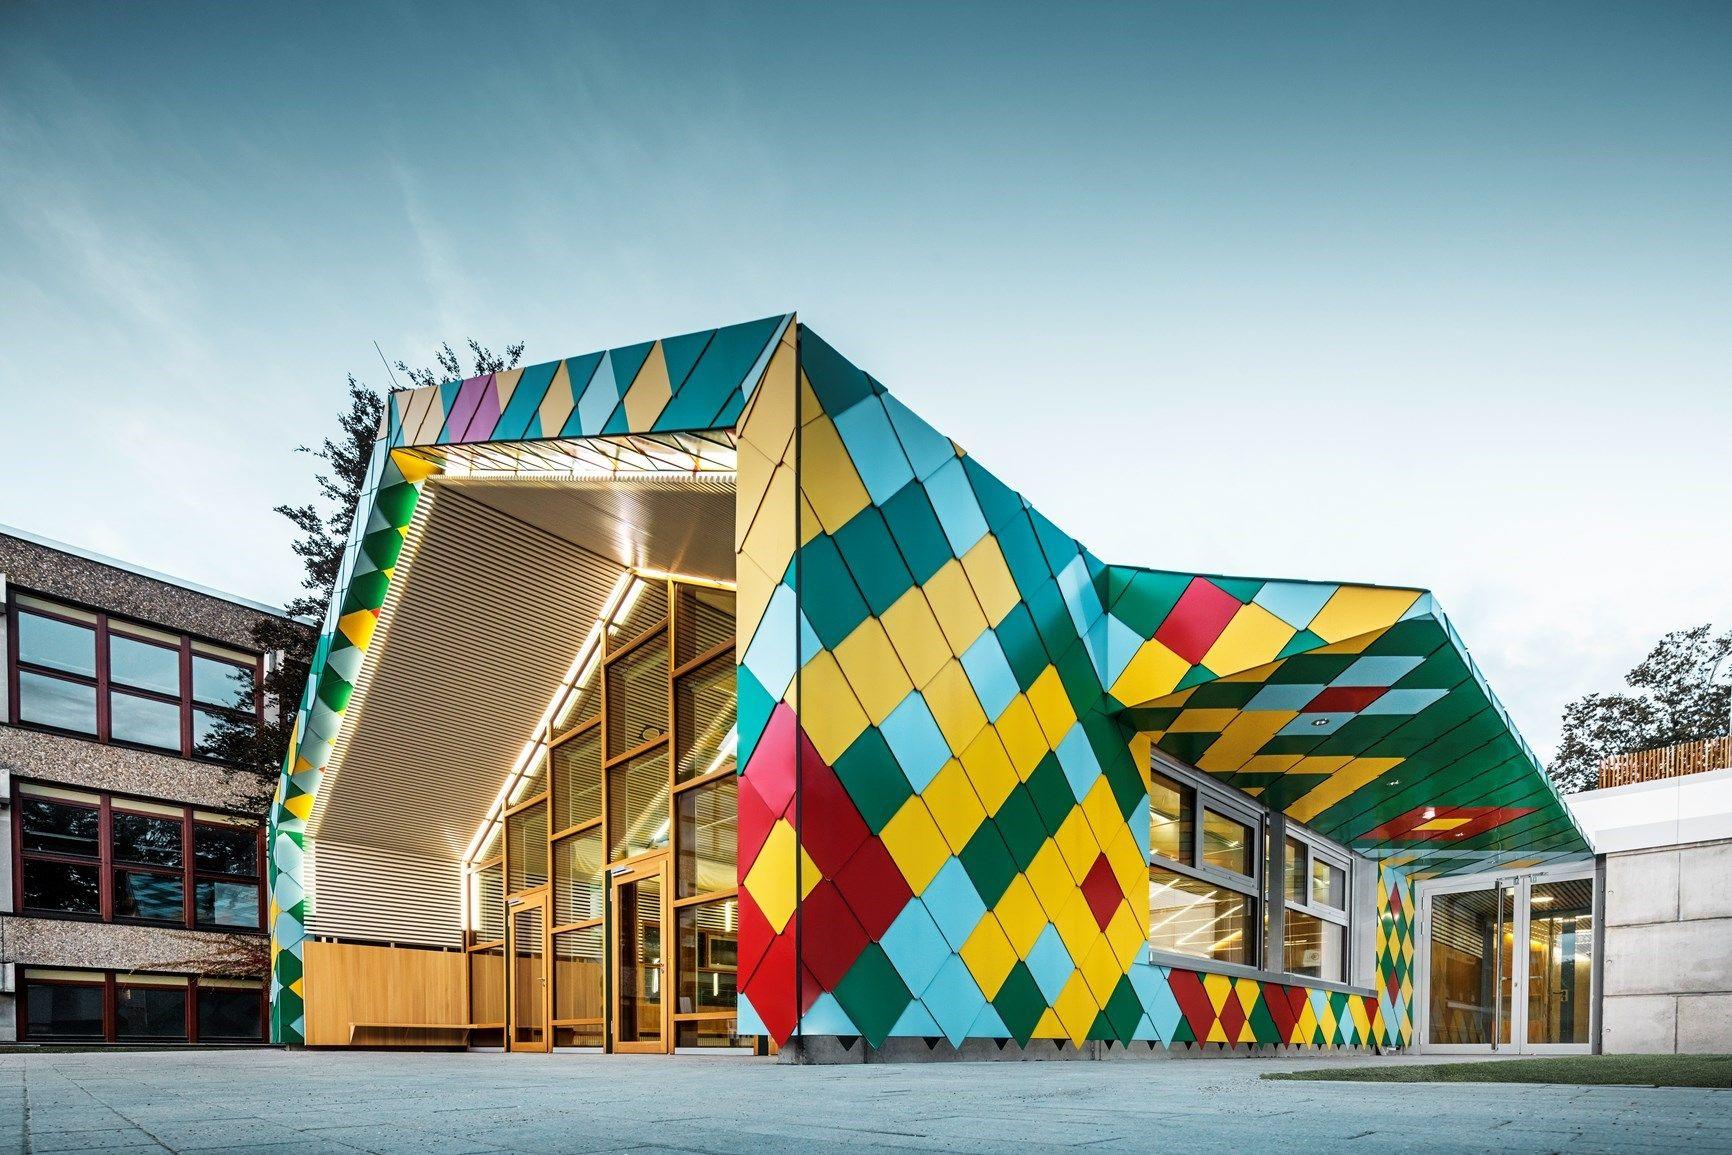 Il cuore policromo del campus: gli architetti progettano la mensa assieme agli studenti